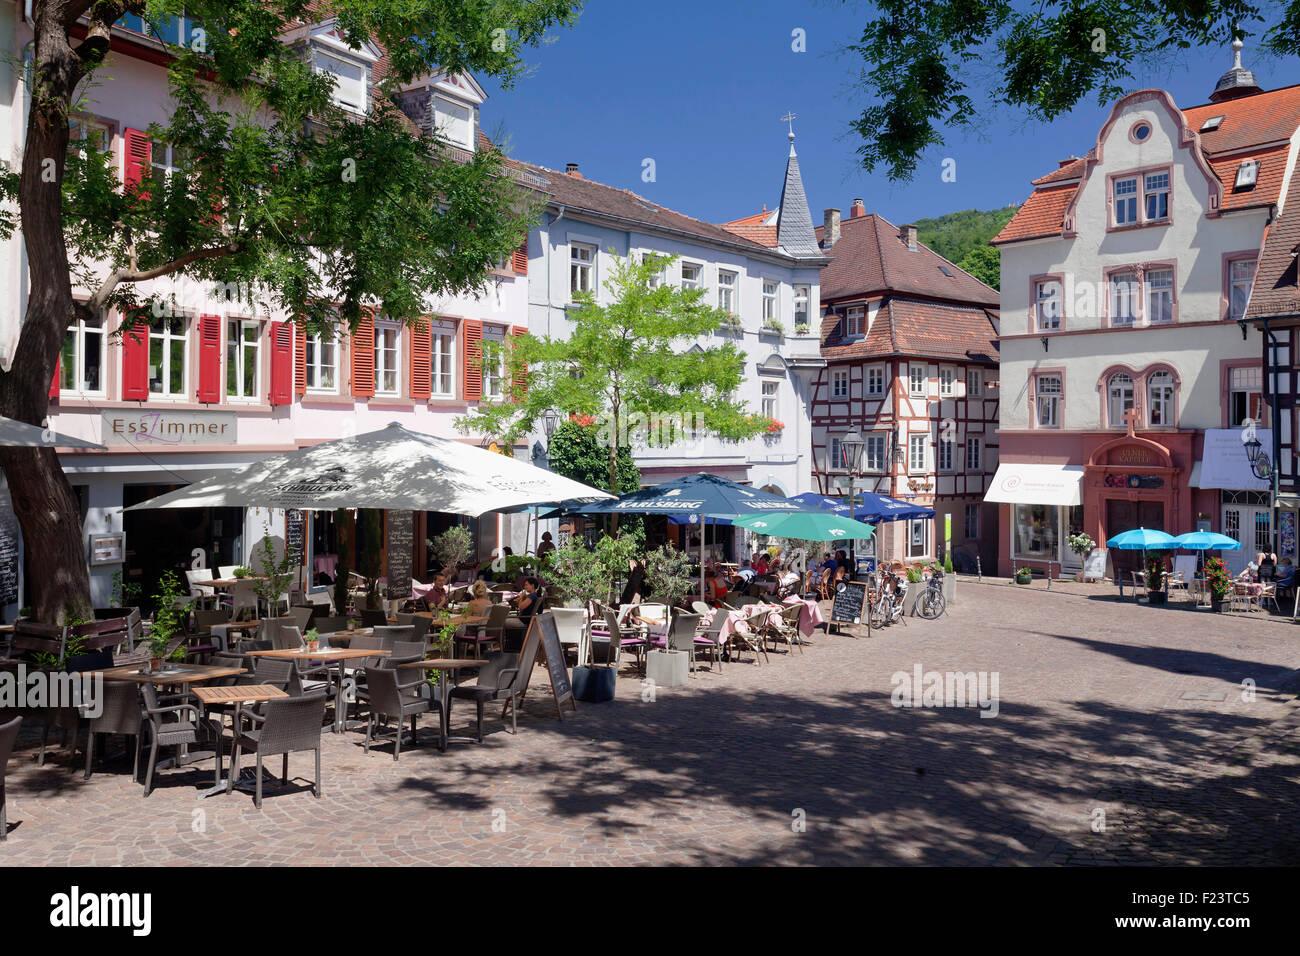 Straßencafés auf dem Marktplatz Weinheim Baden